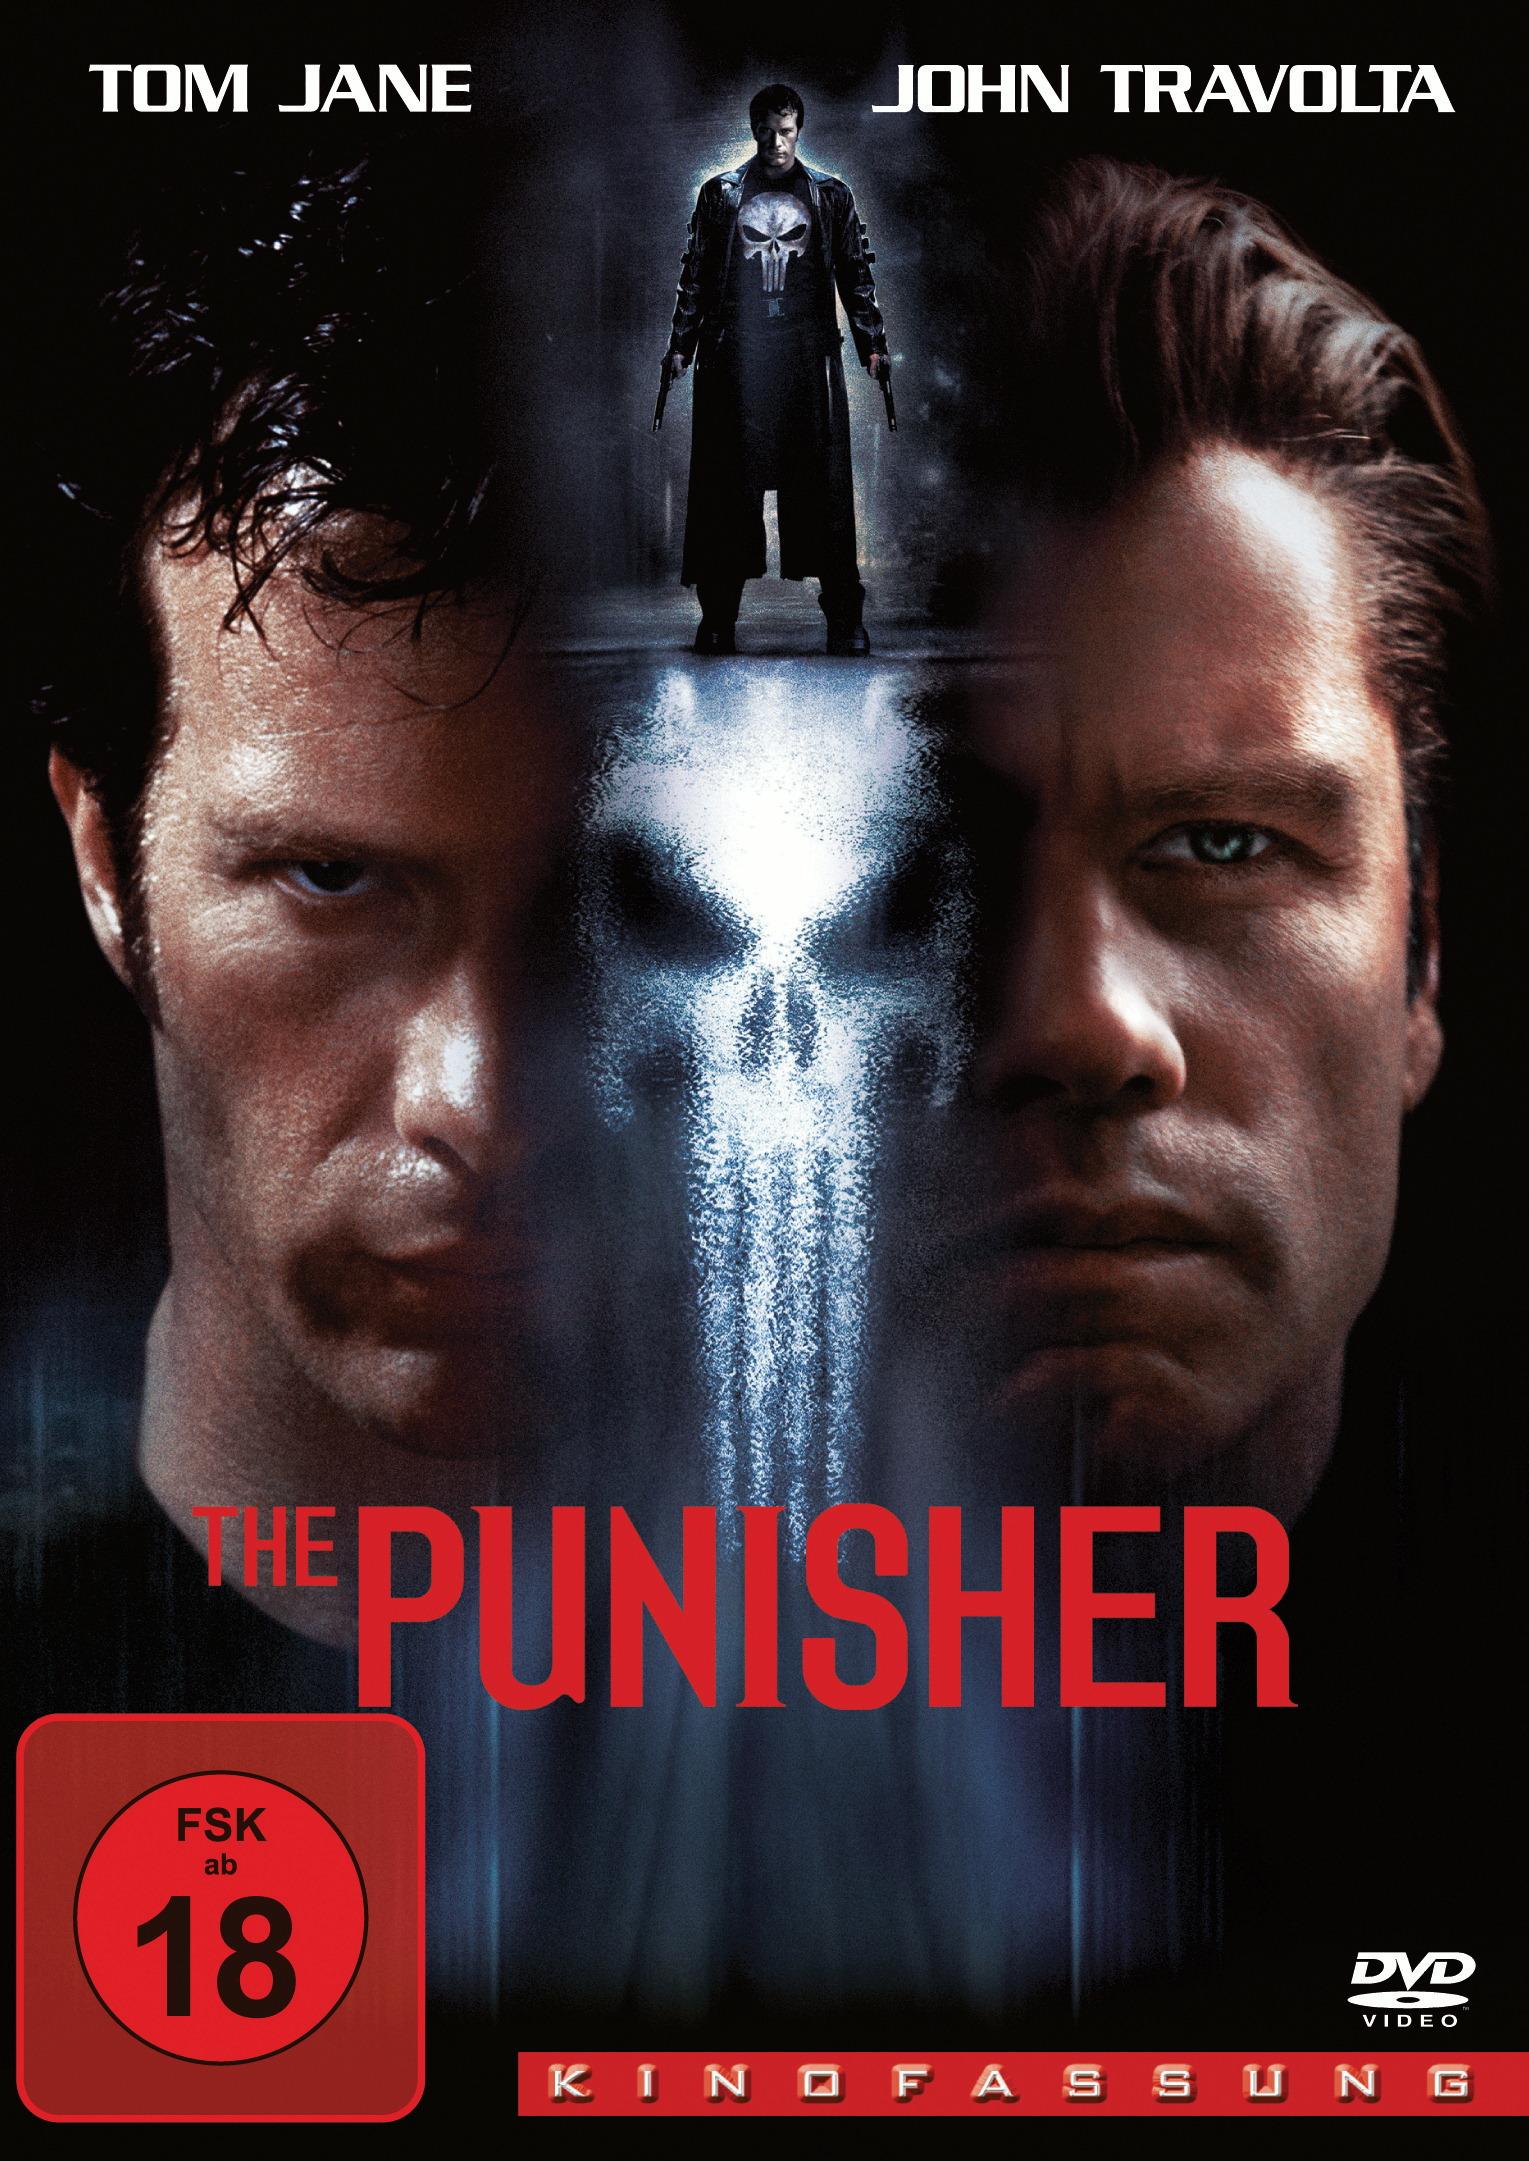 The Punisher (Kinofassung) Poster